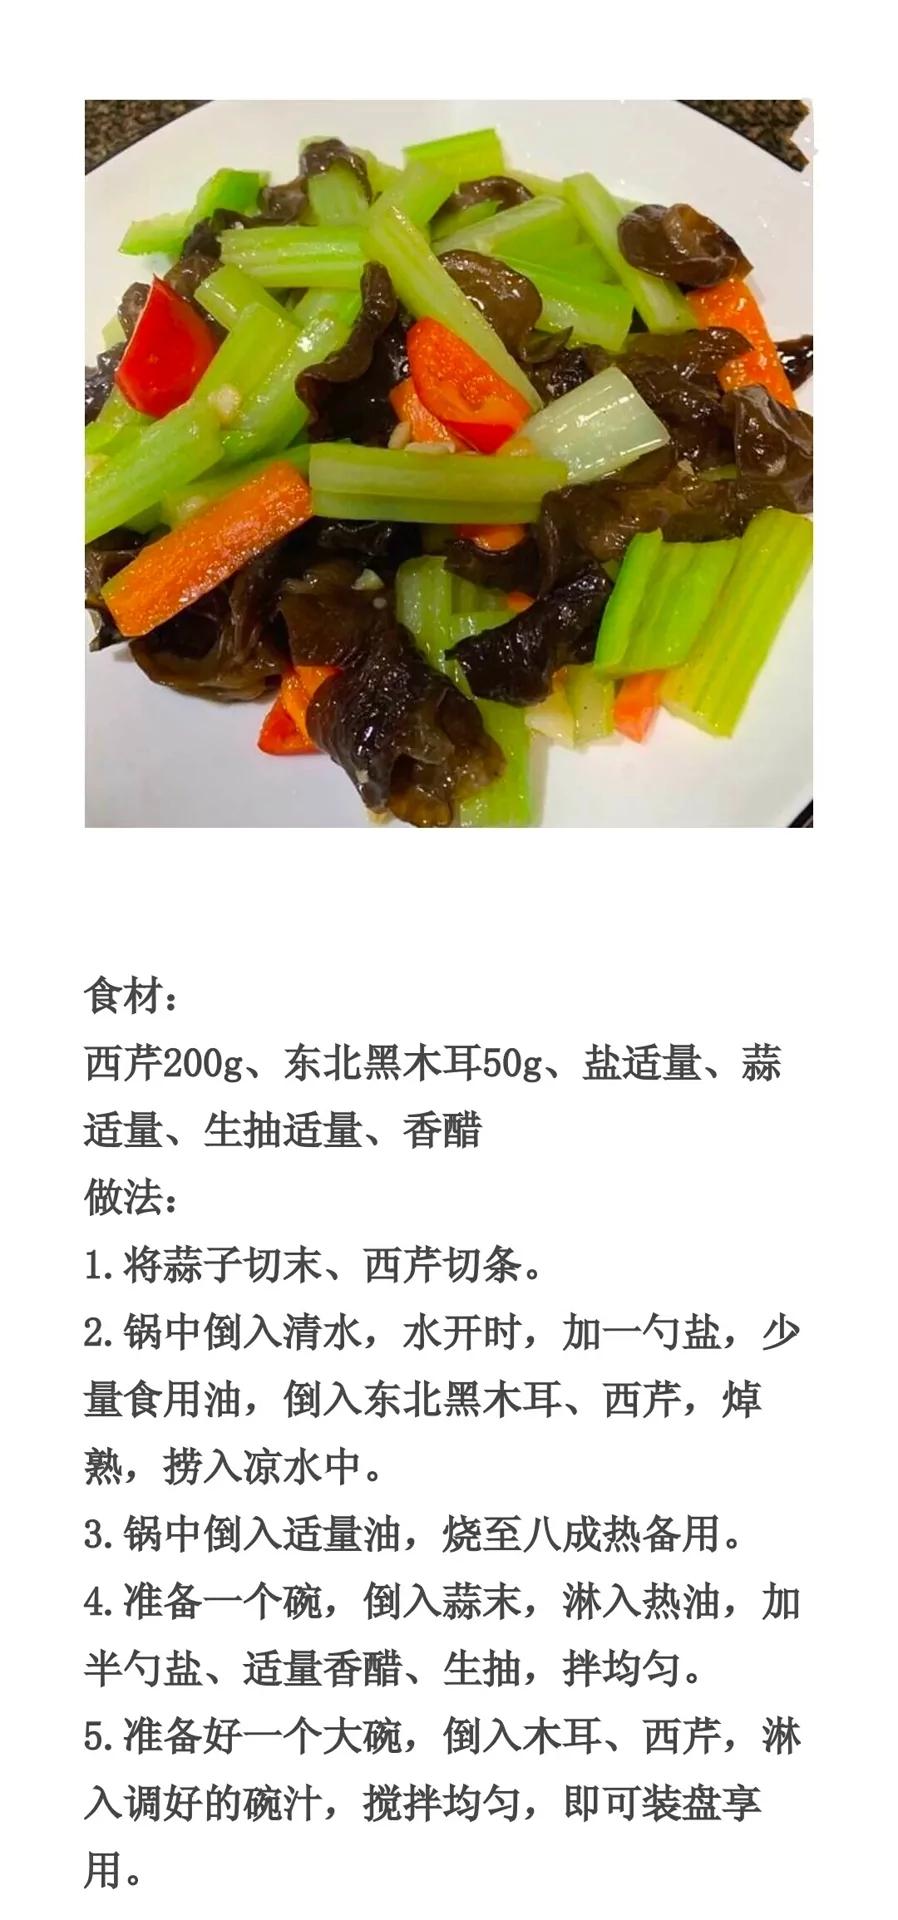 50种凉拌菜做法及配料(二)夏季常吃的凉菜菜谱家常做法 美食做法 第10张